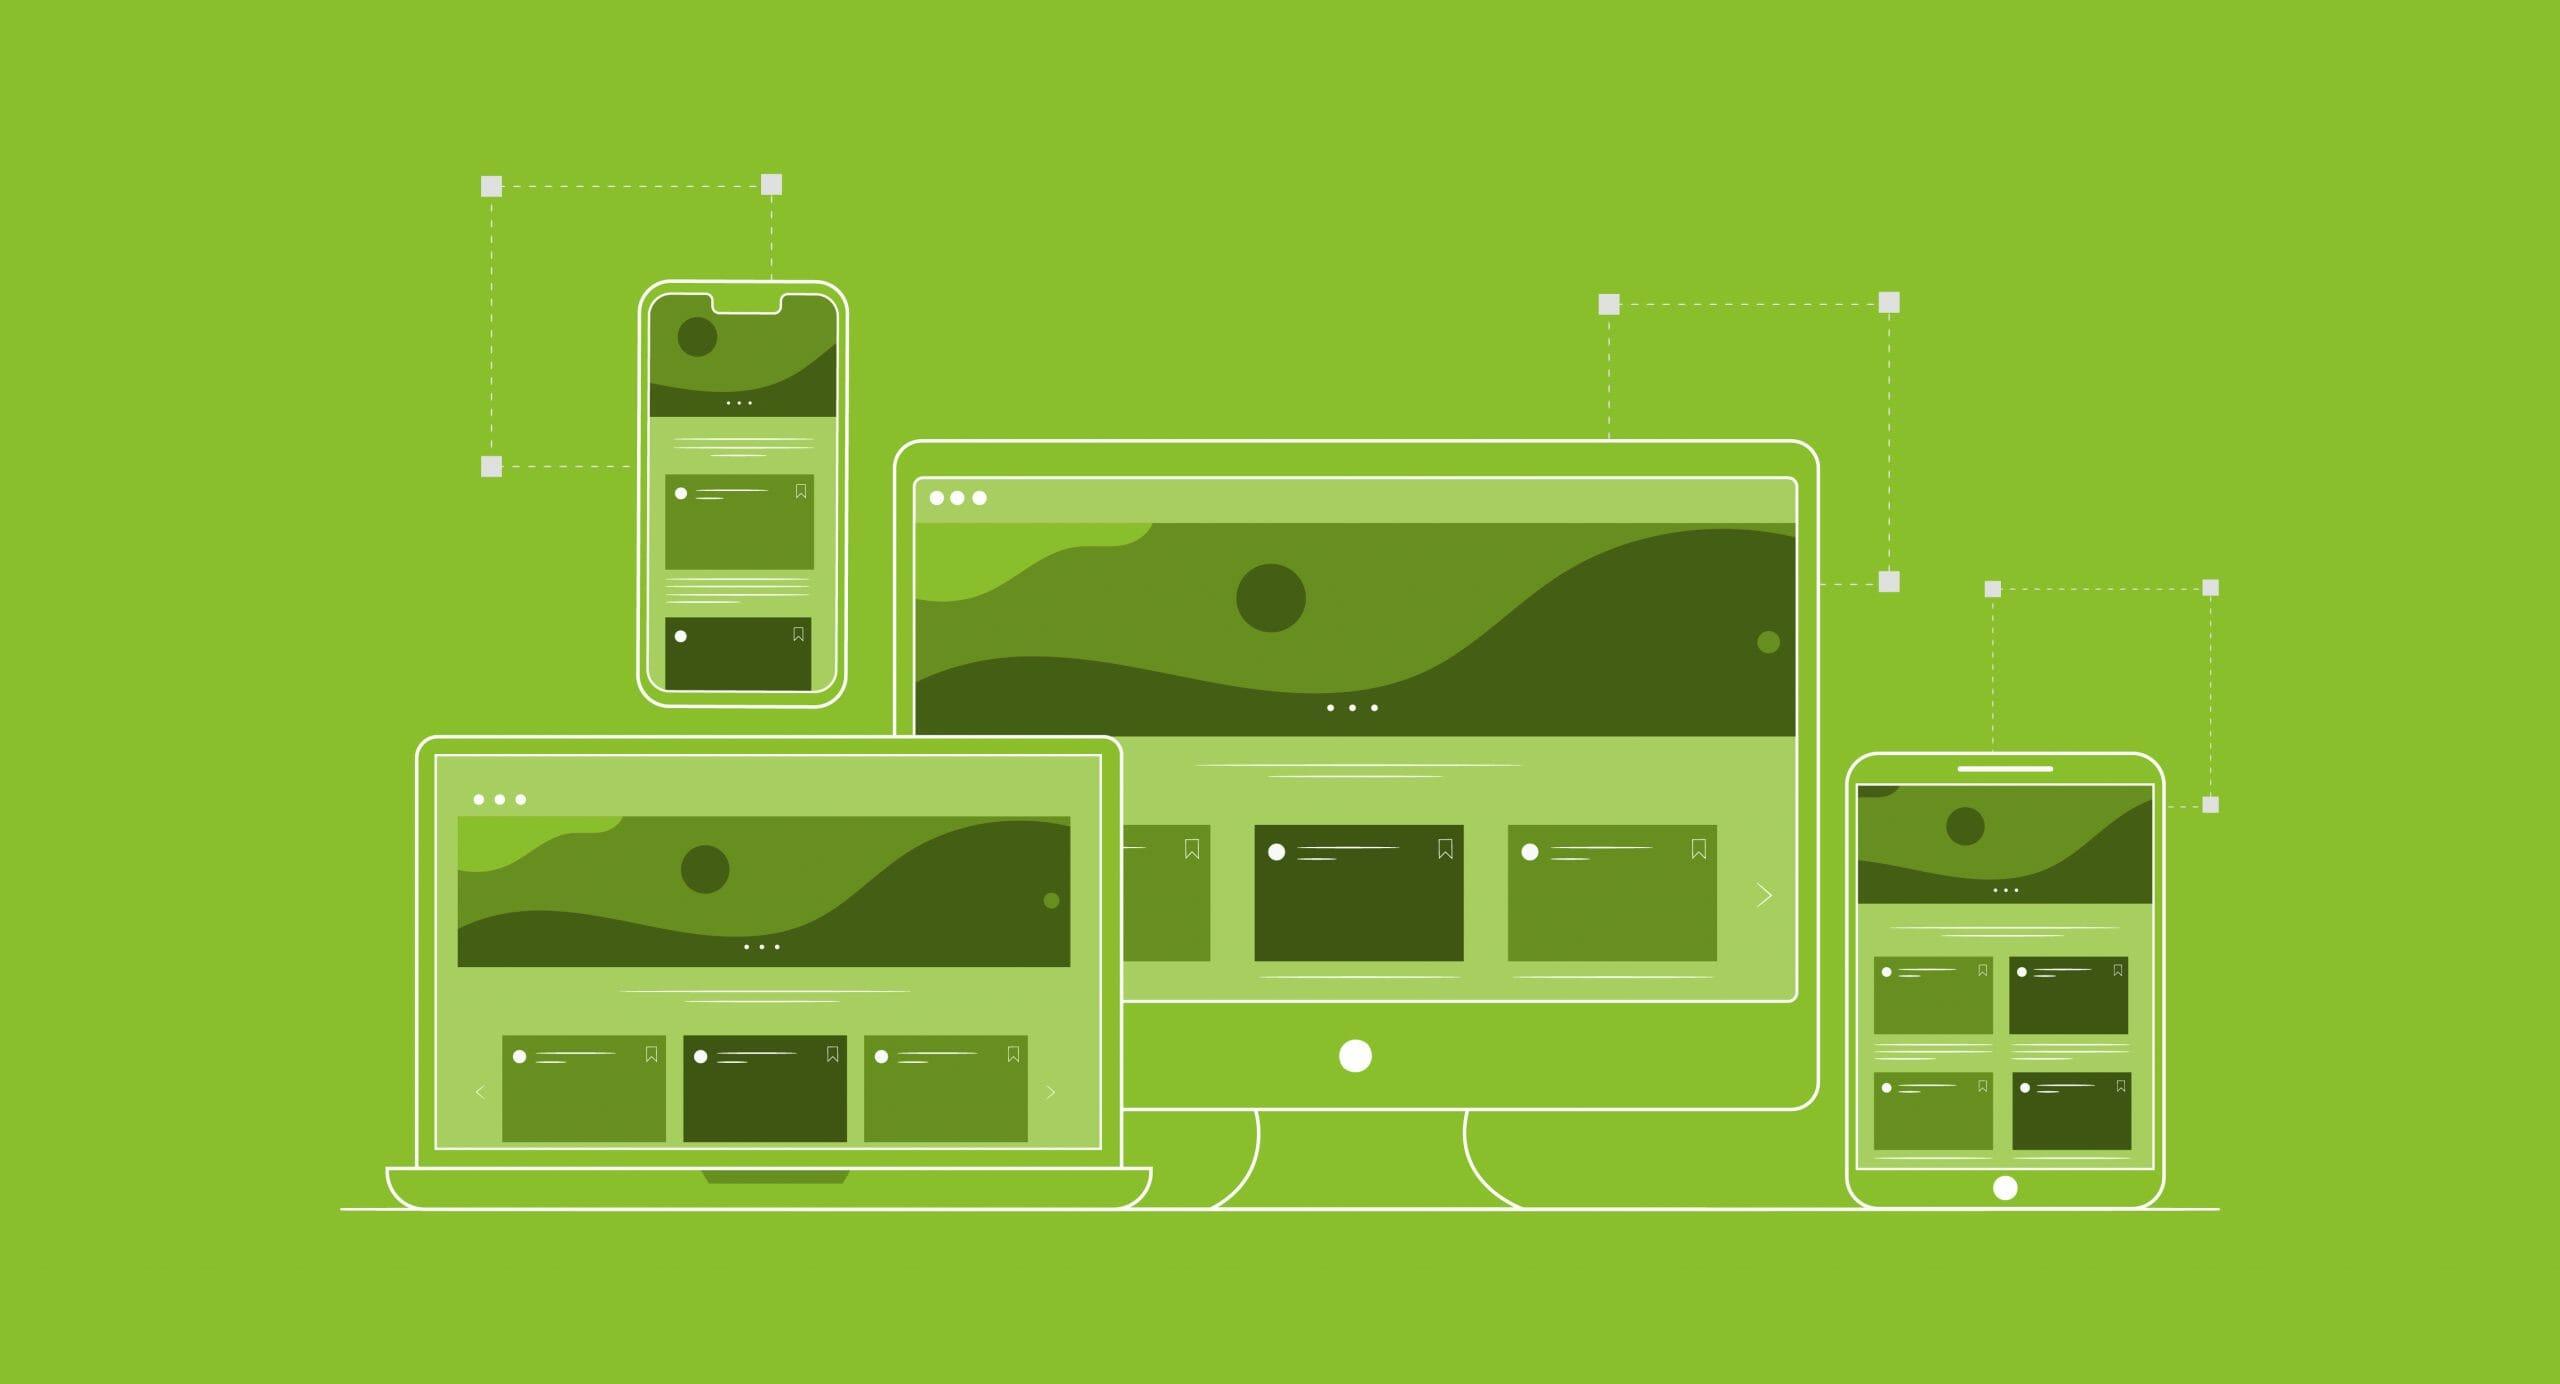 L'importanza dell'usabilità dei dispositivi mobili (siti & app)